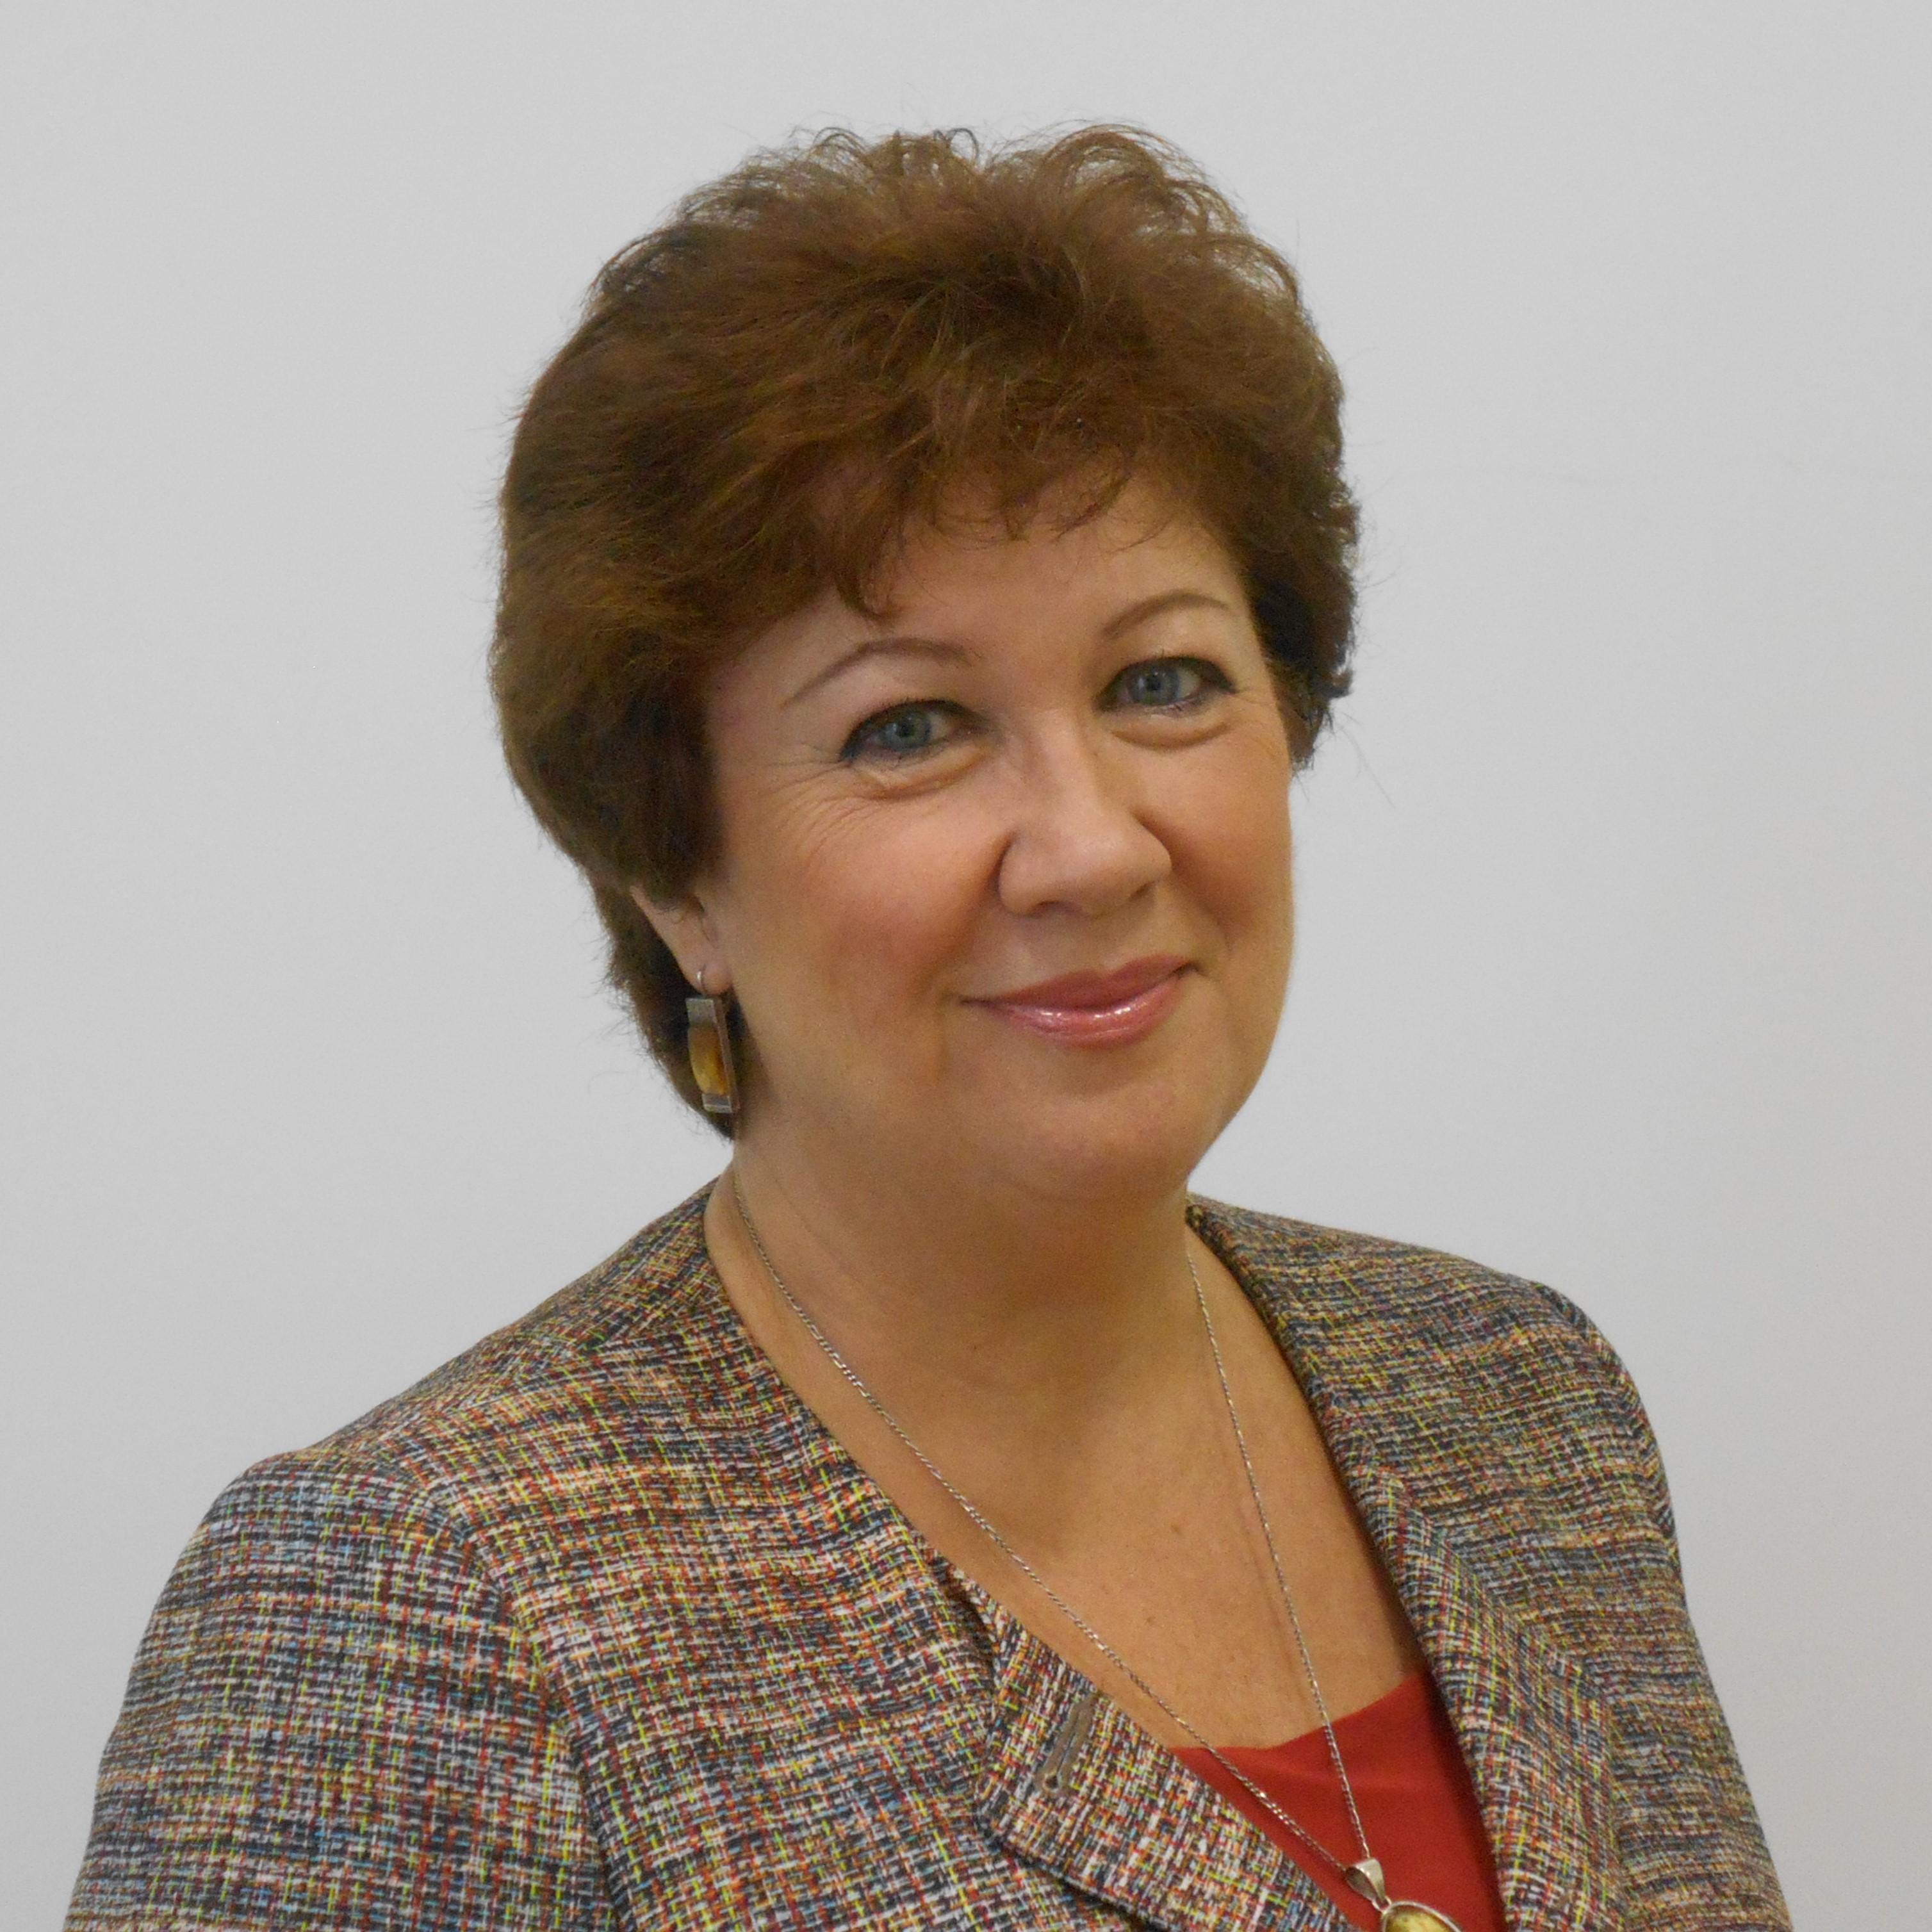 Смирнова Ирина Эдуардовна